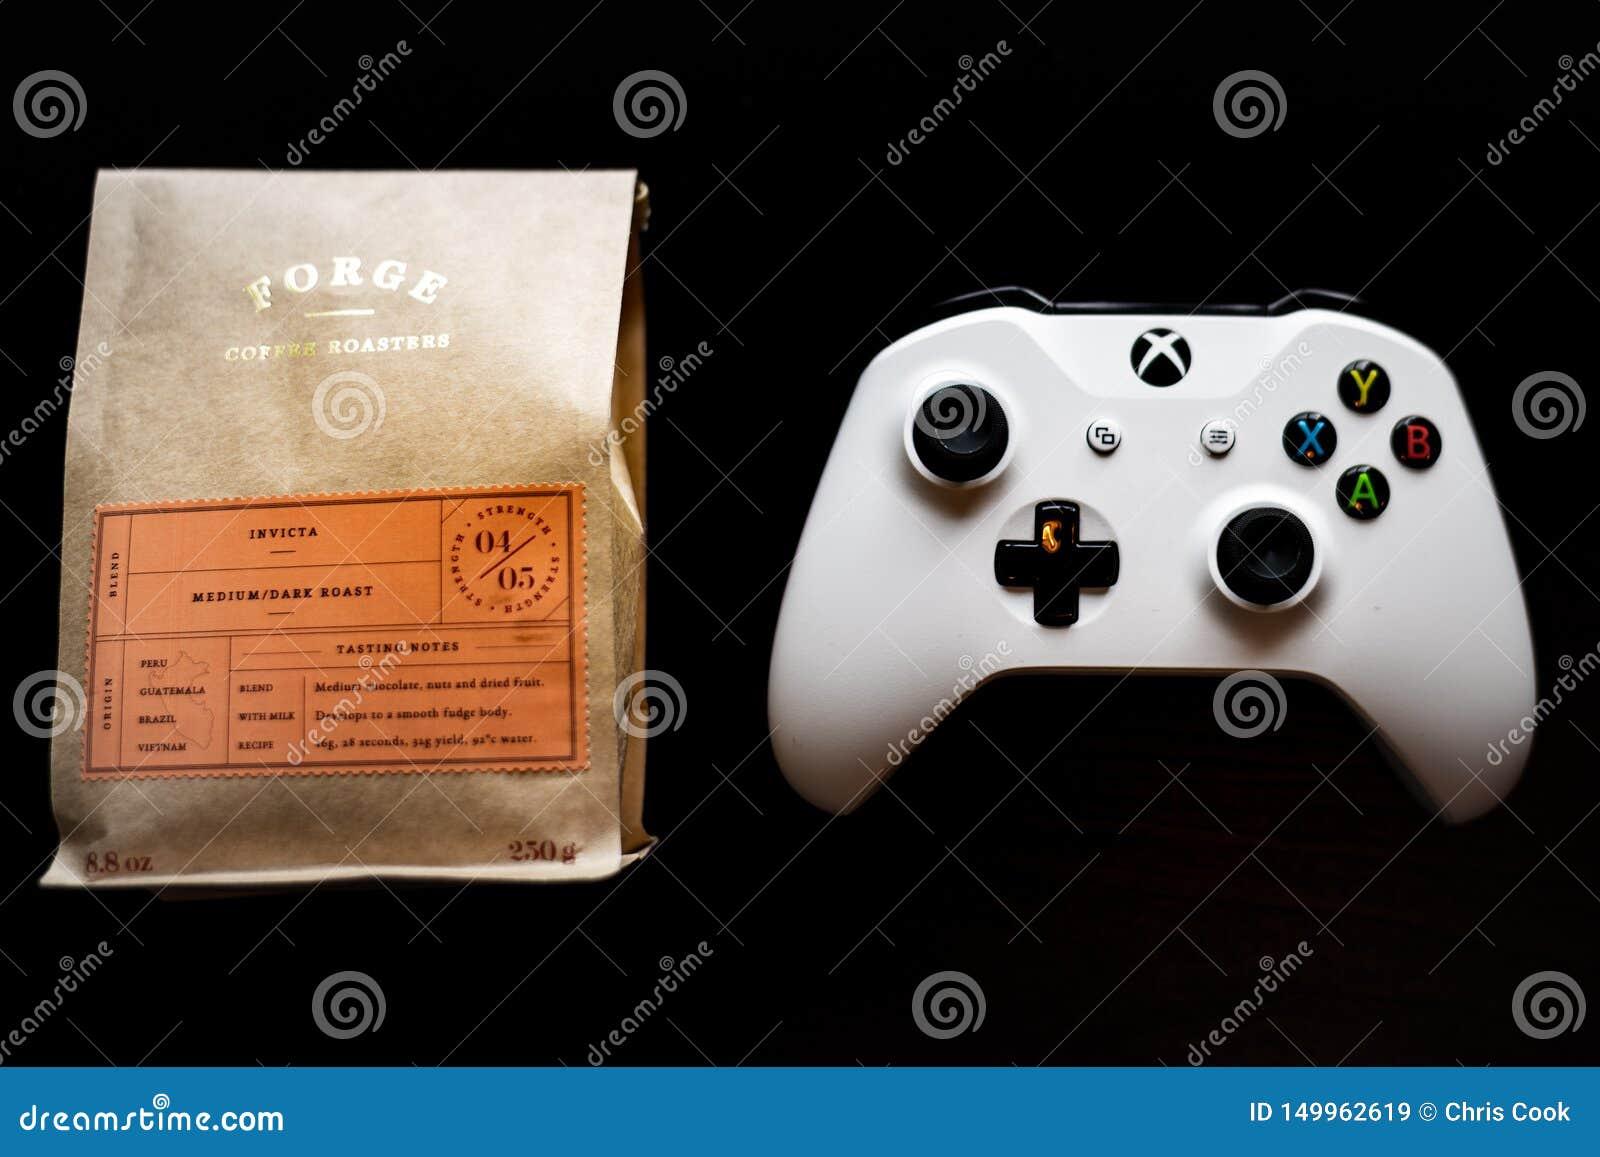 El regulador de los juegos del Xbox One se sentó al lado de un bolso del café molido contra un fondo negro oscuro